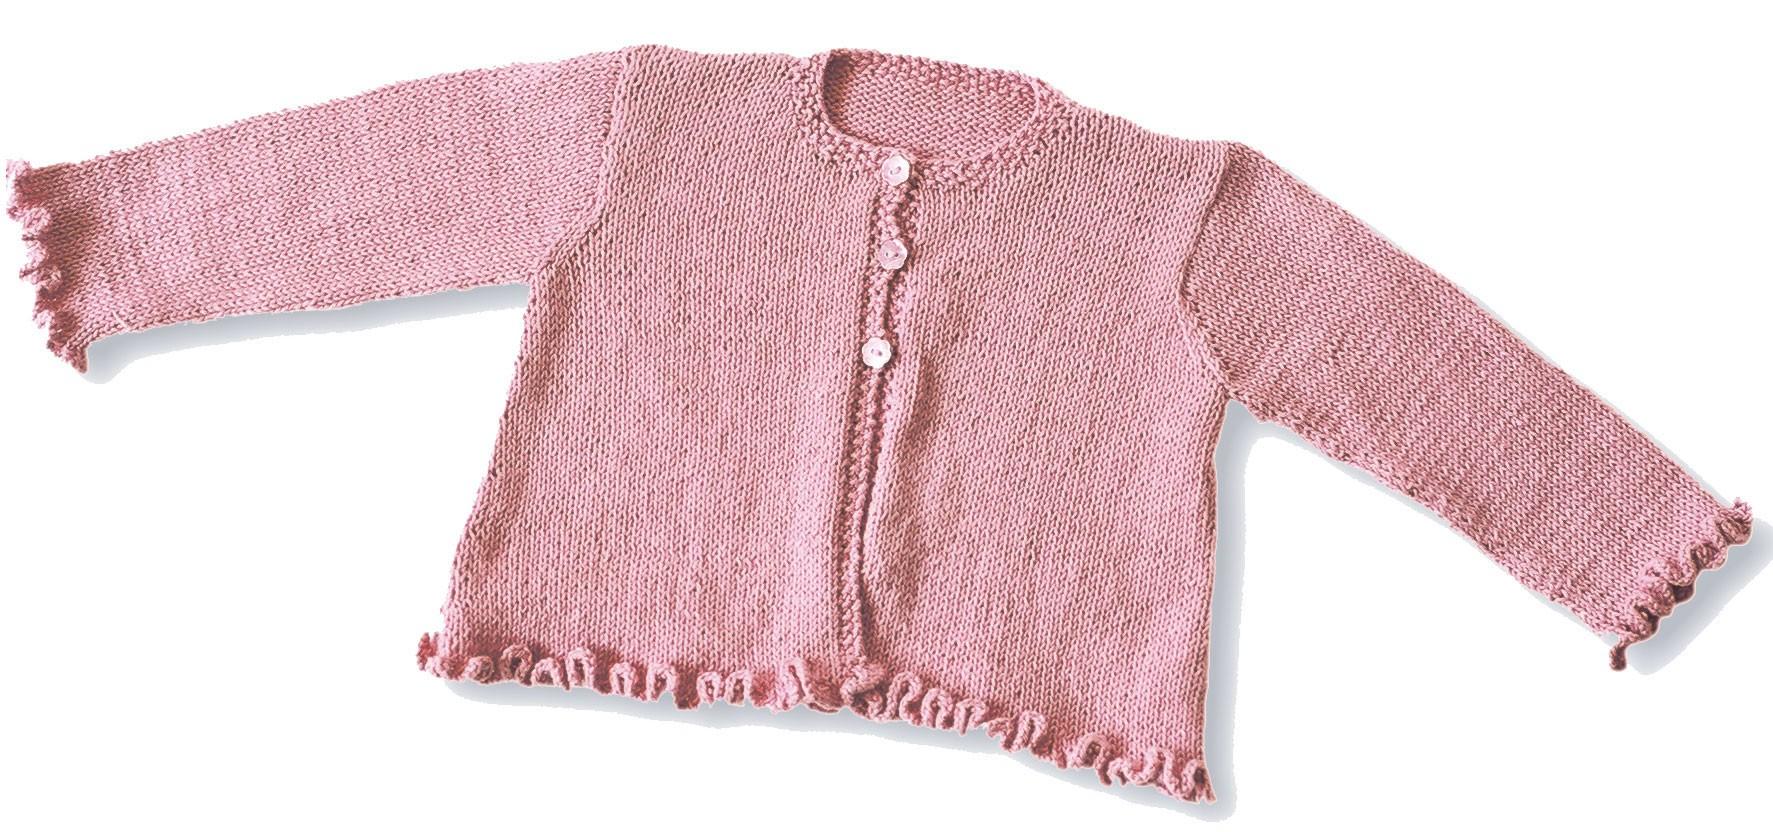 Fiche tricot Citronille   cardigan frou-frous 25a5a5b8c99